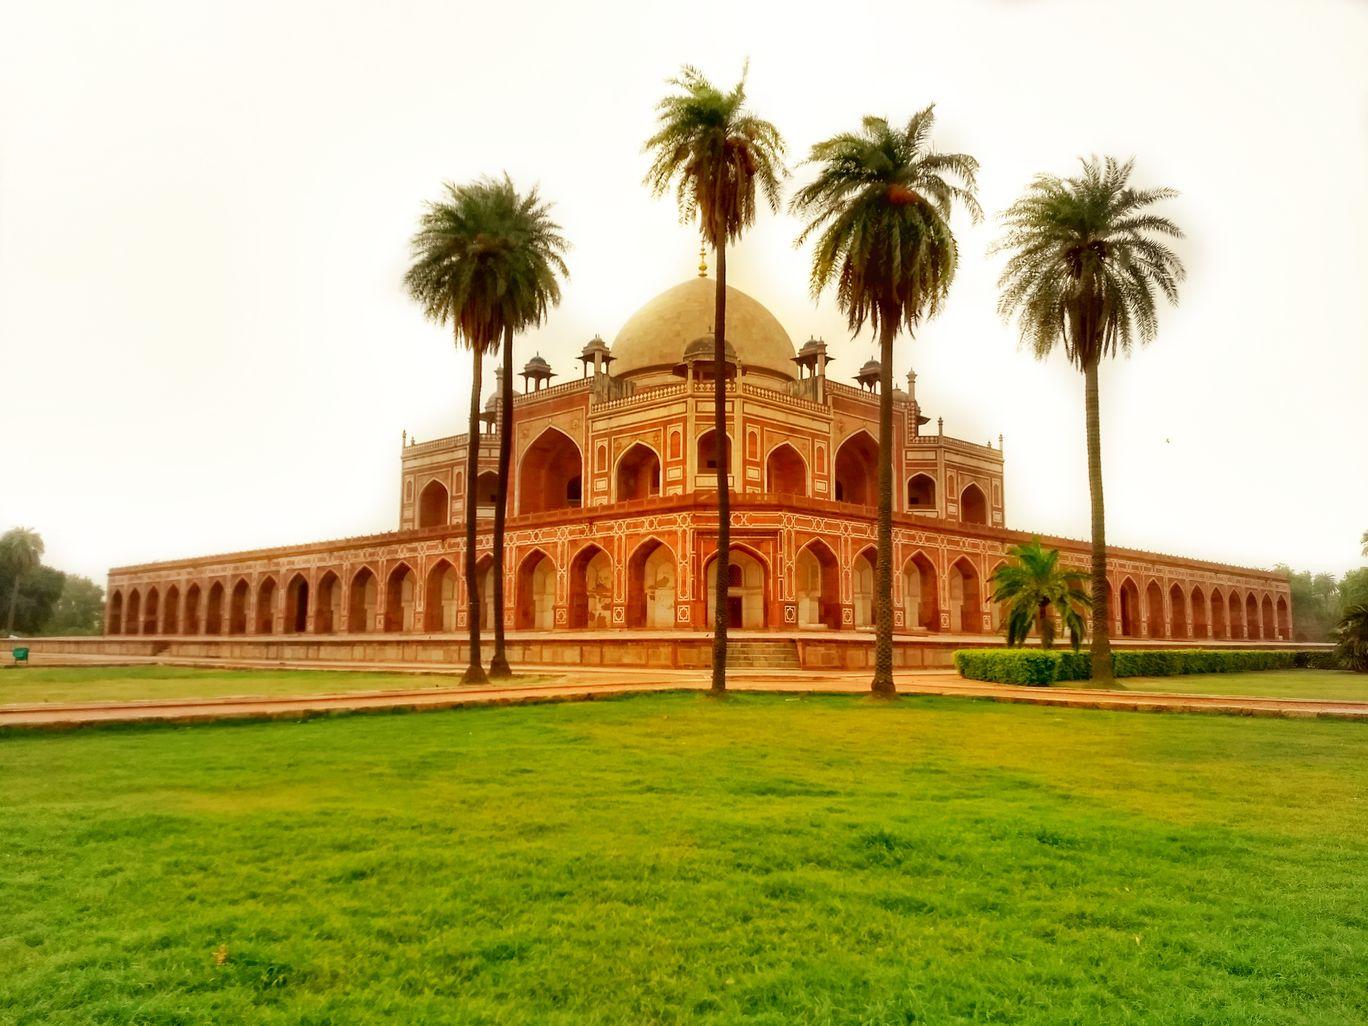 Photo of Humayun's Tomb By Utsajit Kundu